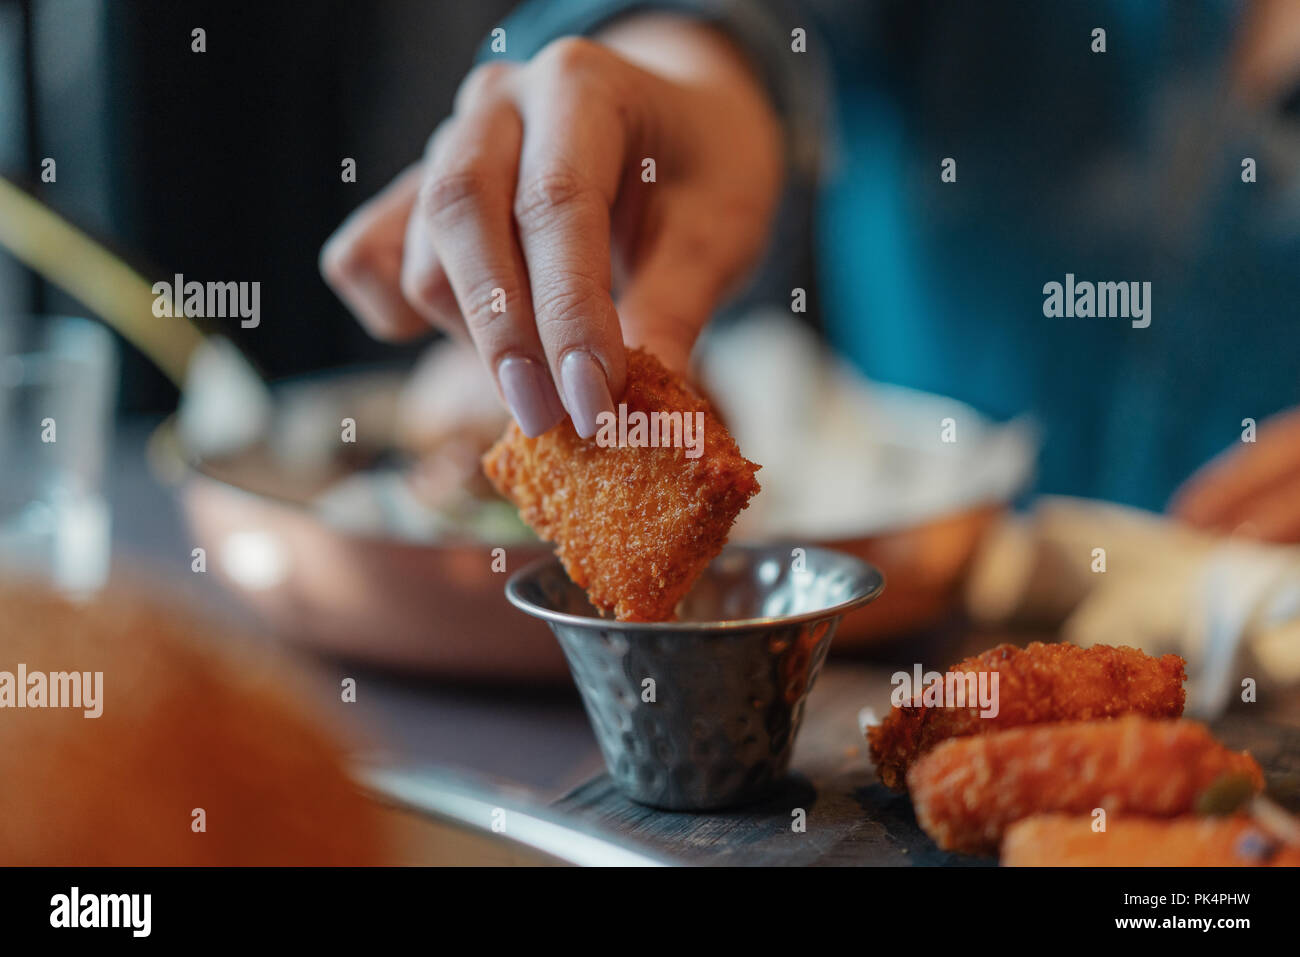 Nahaufnahme von Frau Hände halten gebratener Käse und tauchen Sie in eine Soße. Stockbild